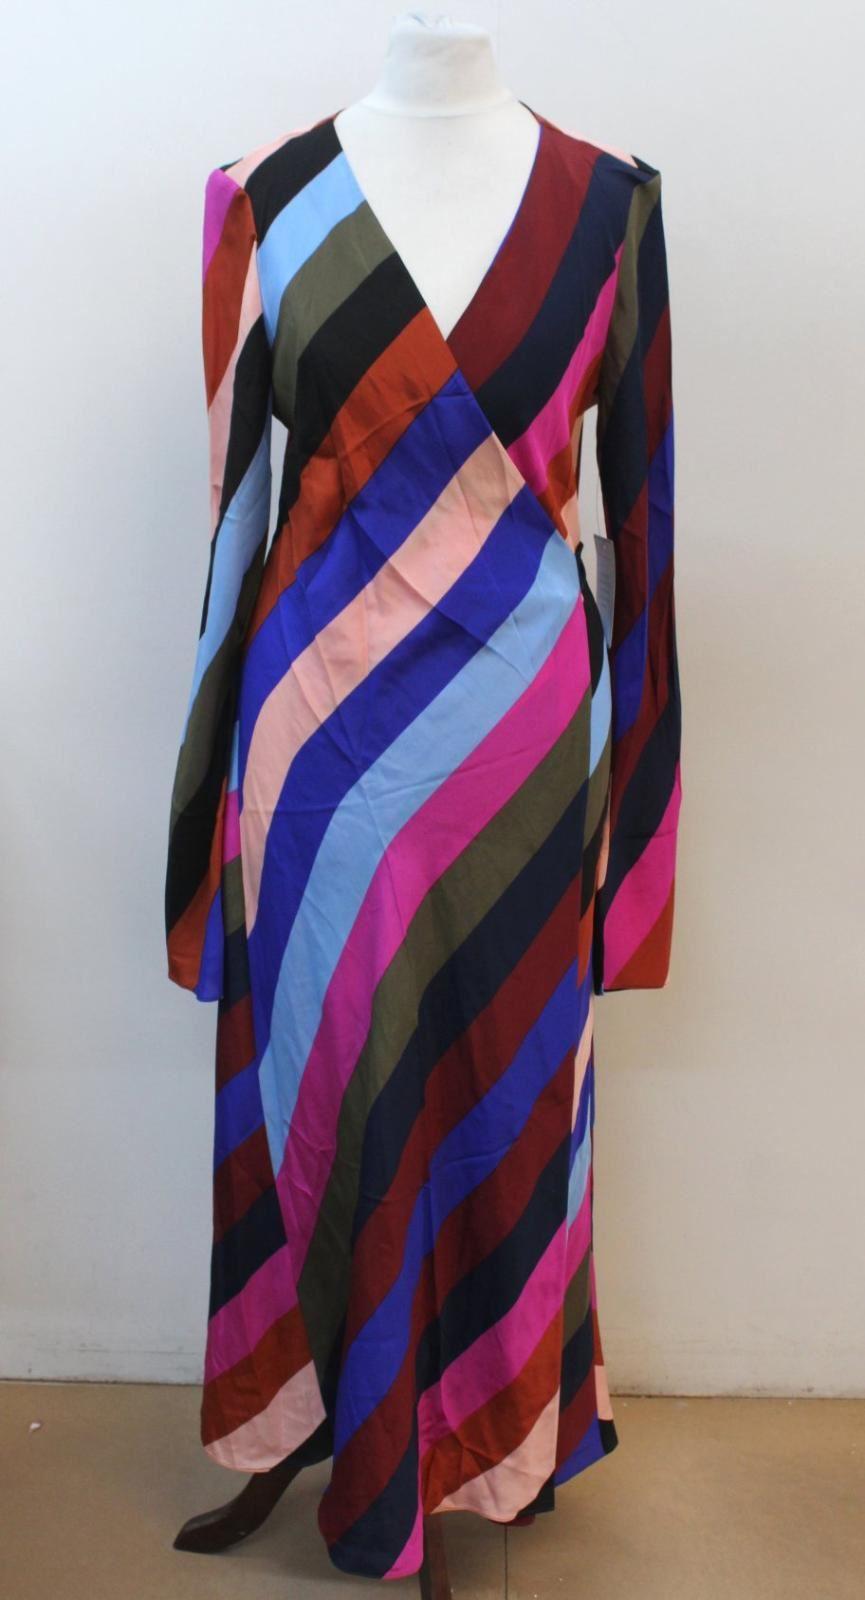 Donna FURSTENBERG DIANE VON Multicolore seta A portafoglio US8 UK12 NUOVO CON ETICHETTA